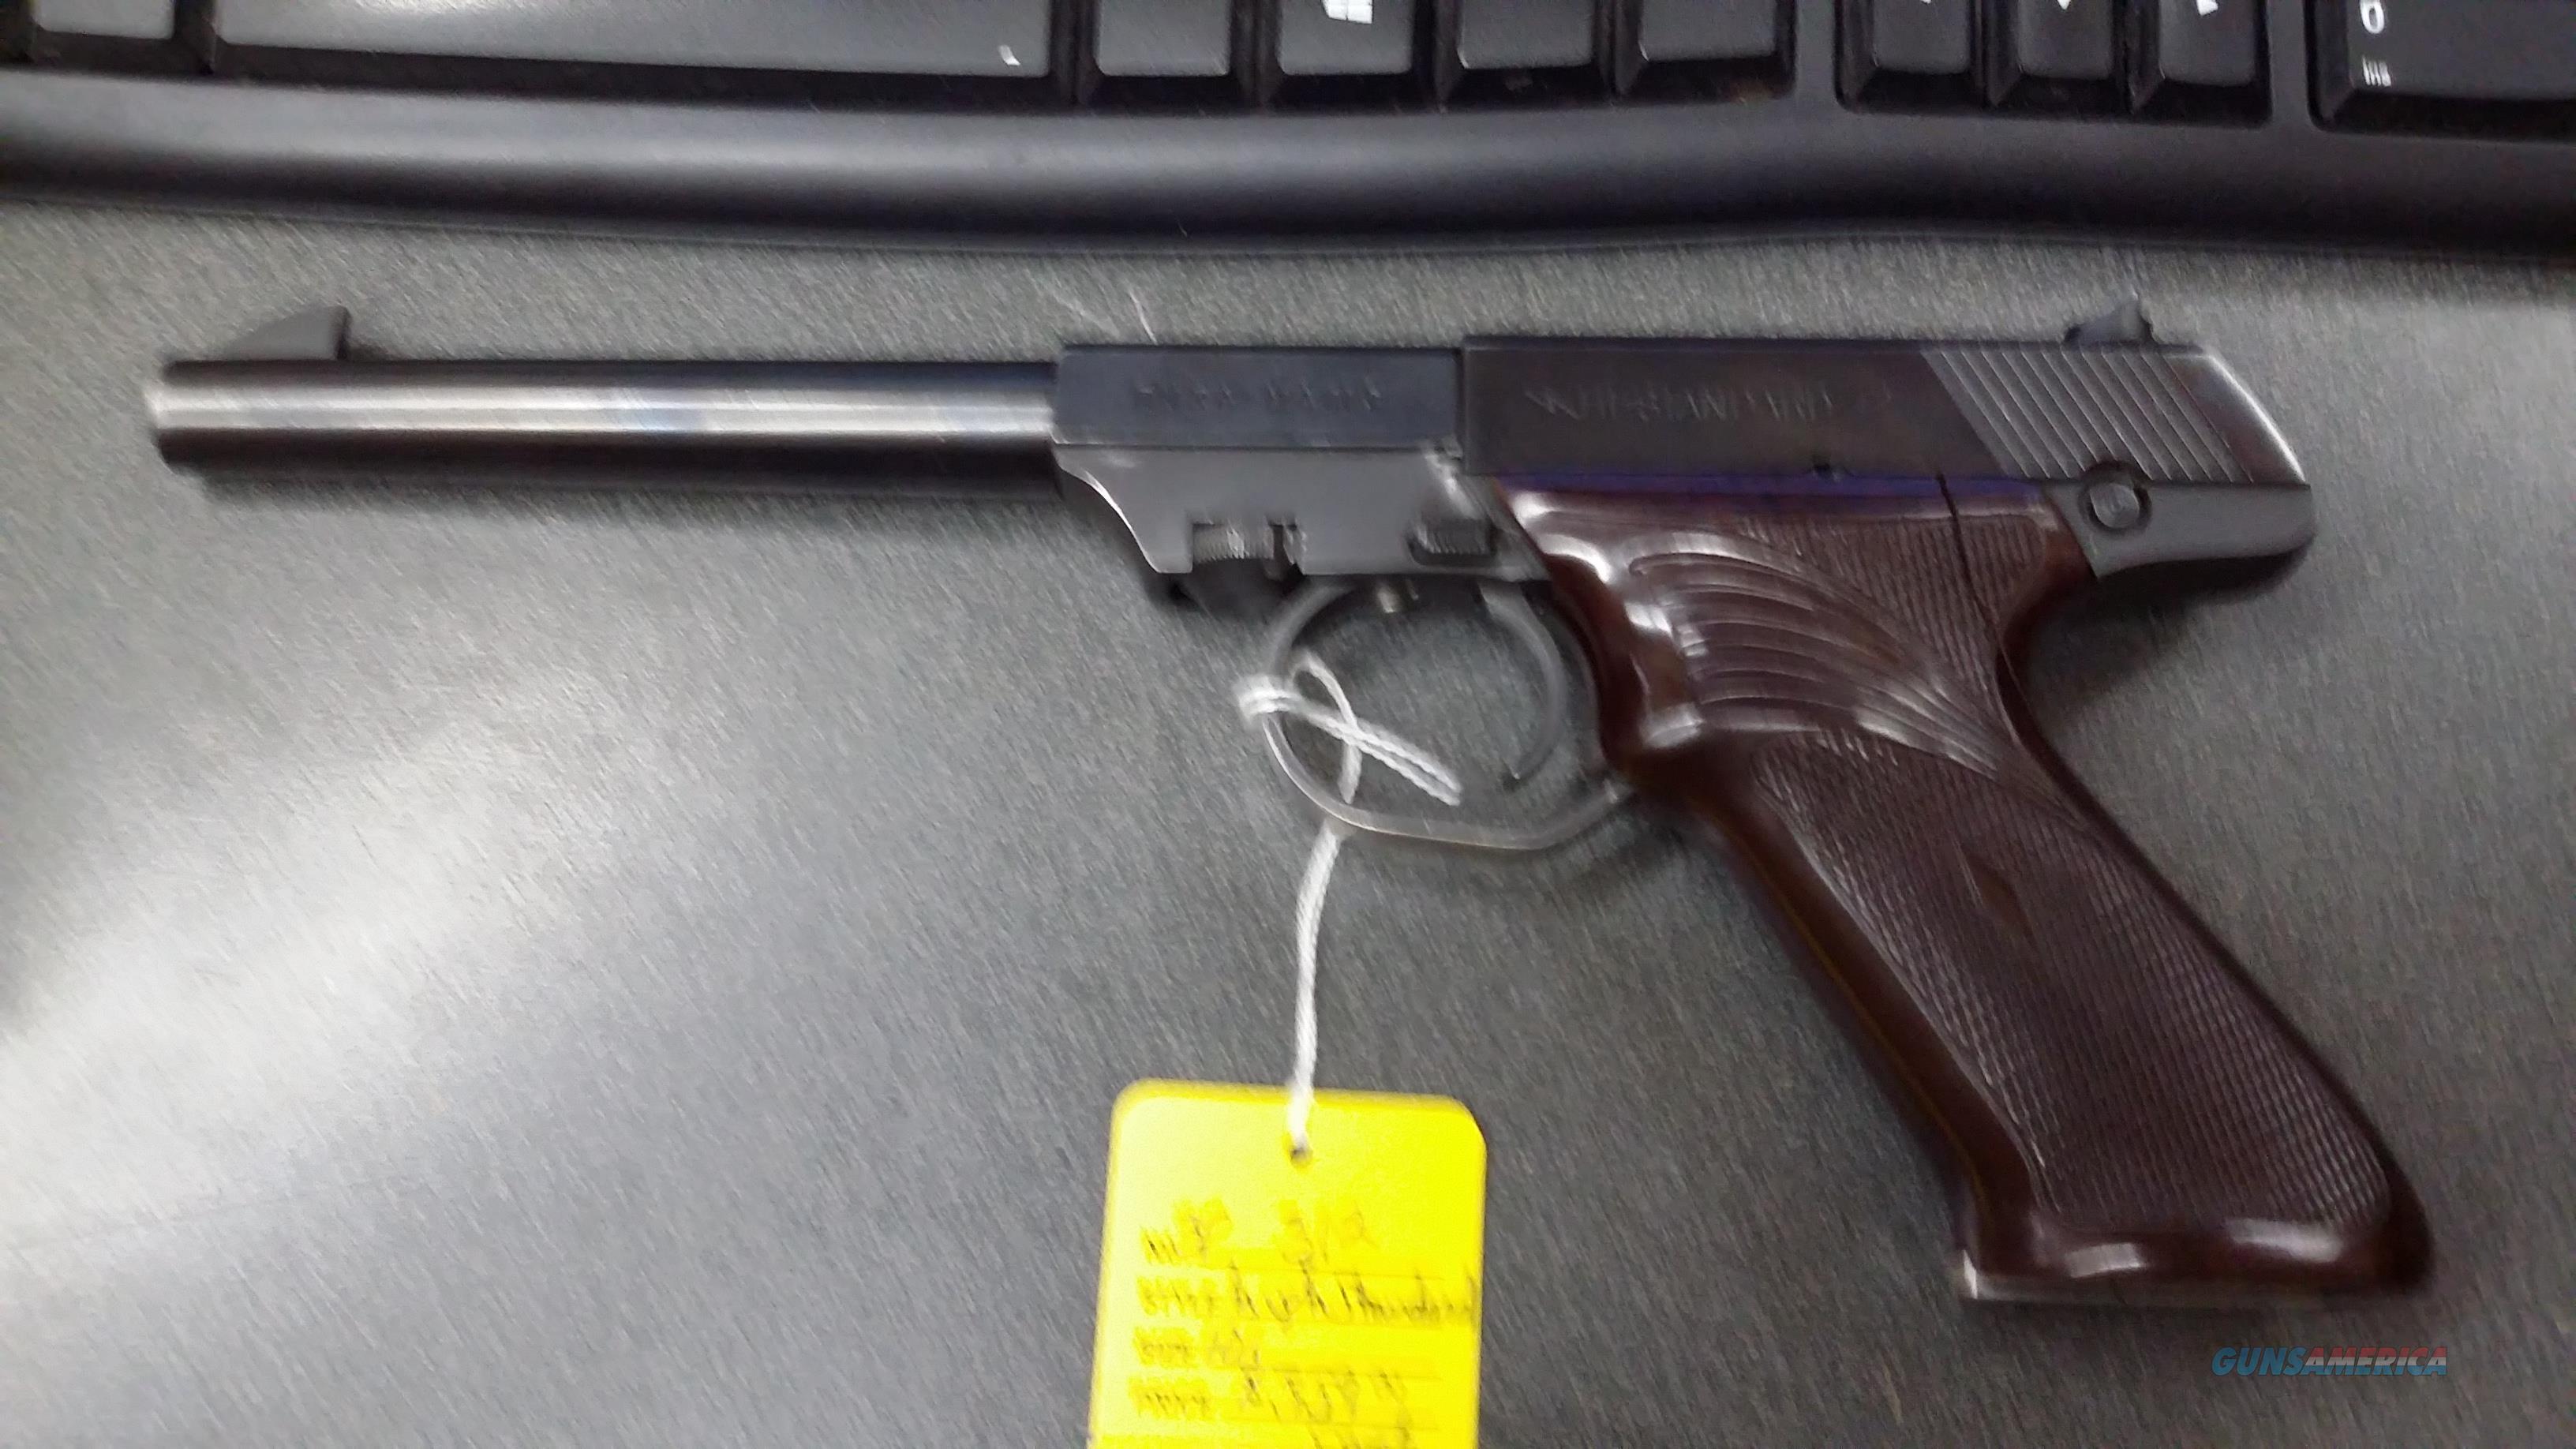 High Standard M 101  Guns > Pistols > High Standard Pistols